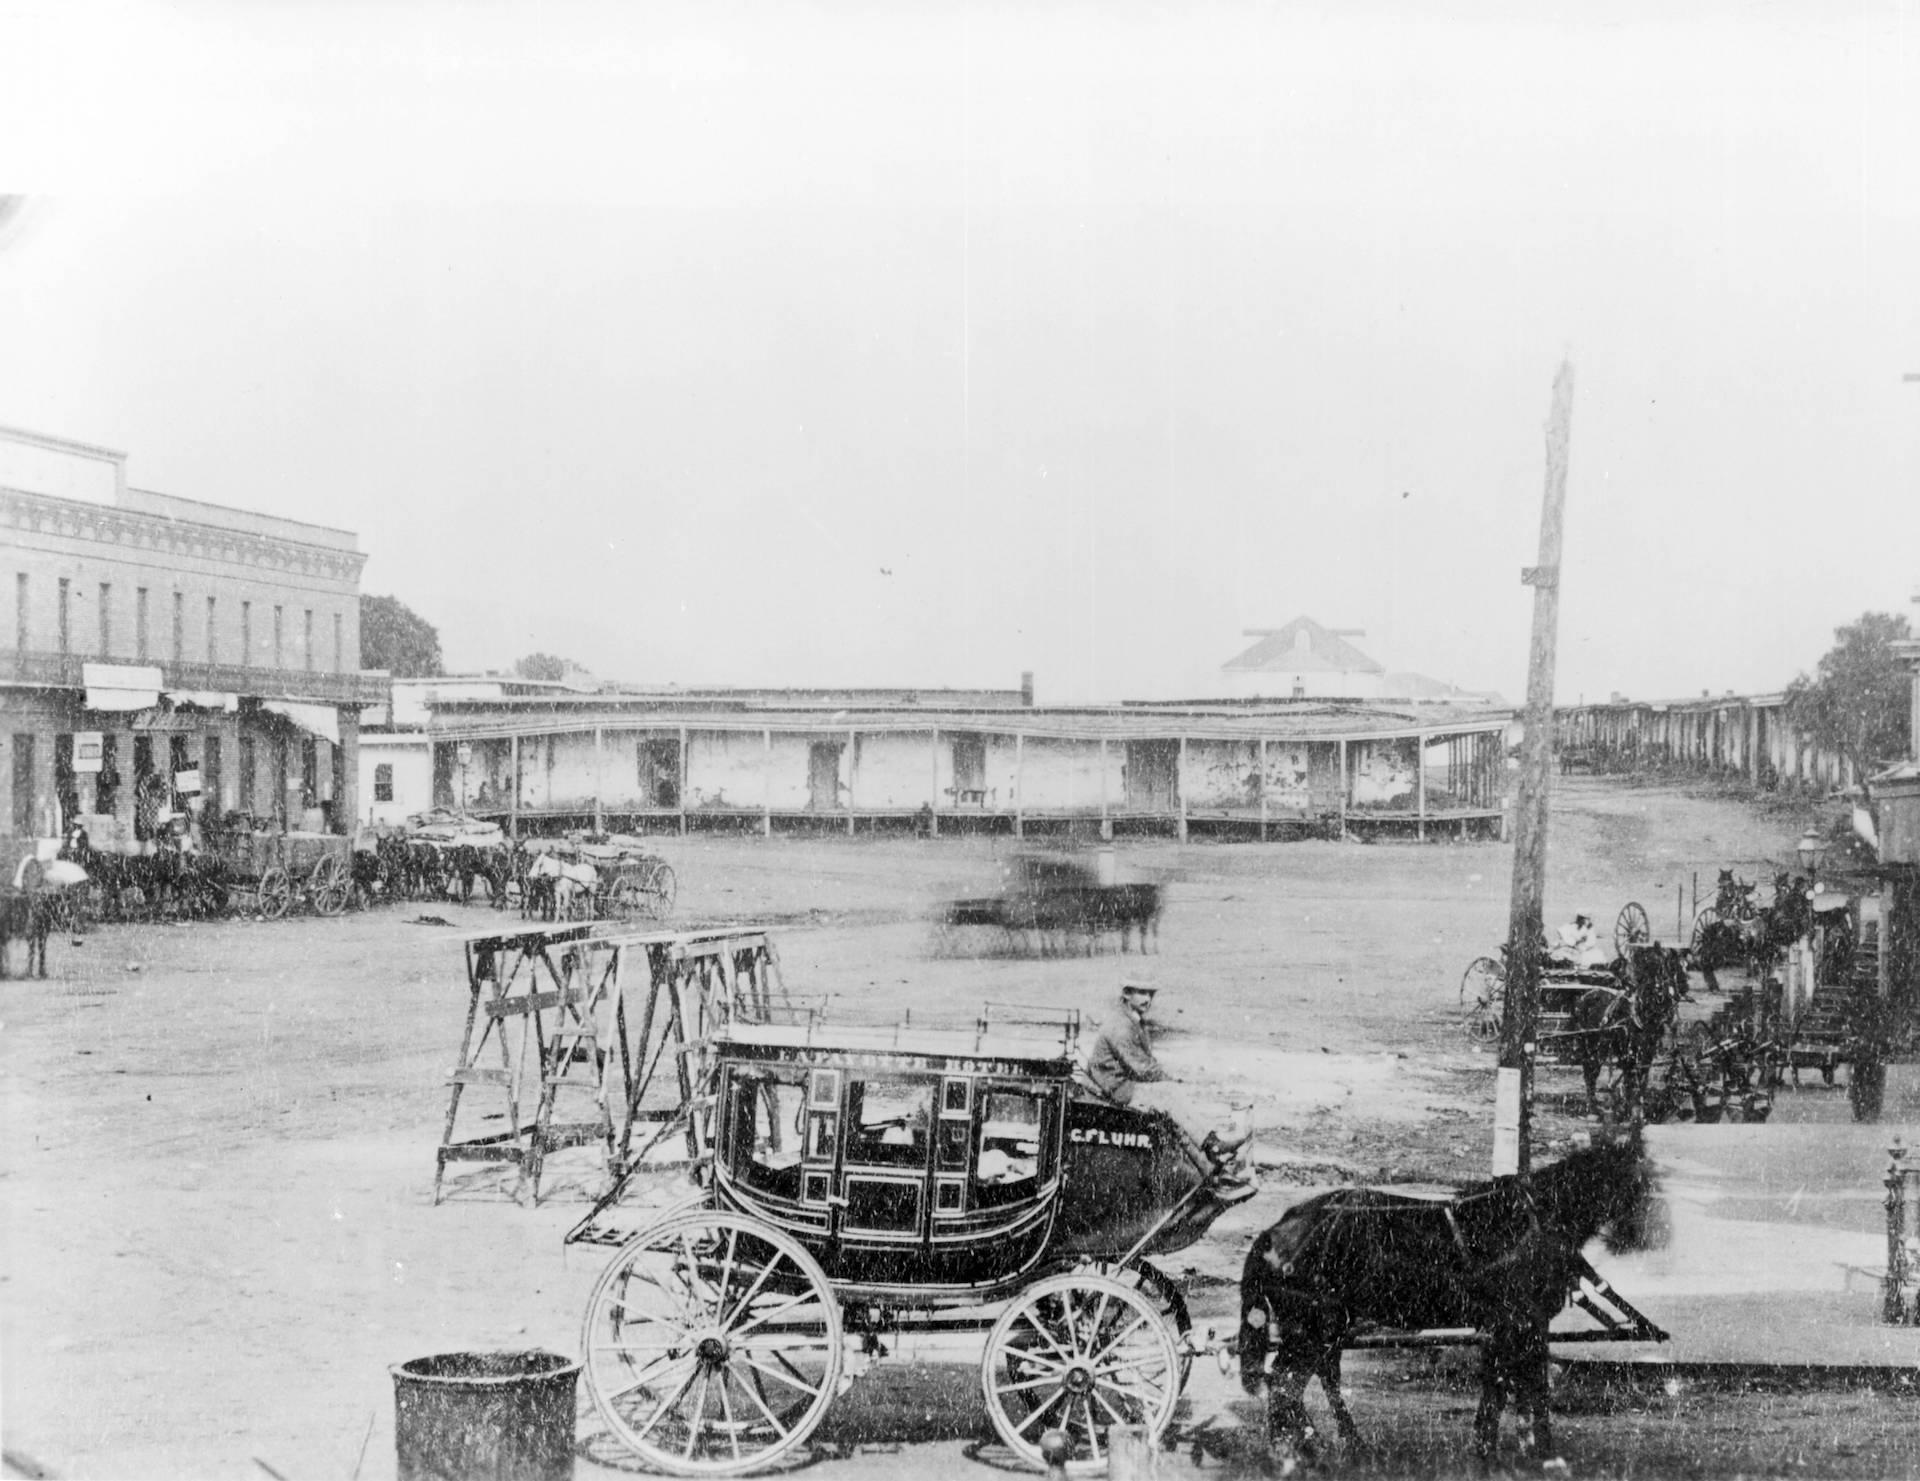 Calle de los Negros, Los Angeles, 1871